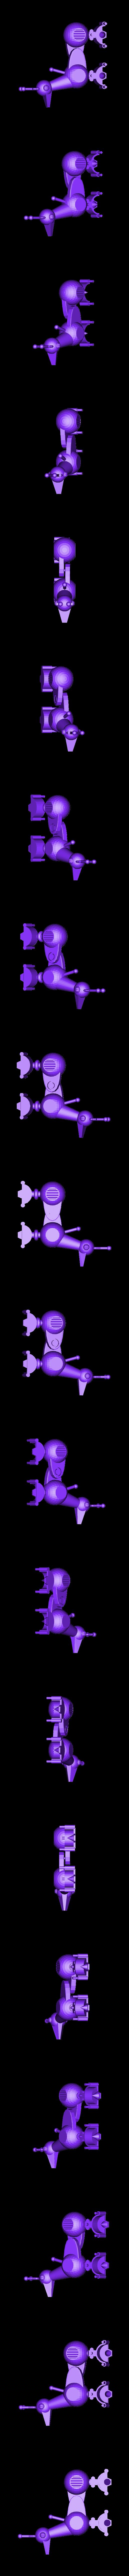 Robot Deer.stl Télécharger fichier STL gratuit Cerf robot contrôlé par les doigts • Objet pour impression 3D, Janis_Bruchwalski